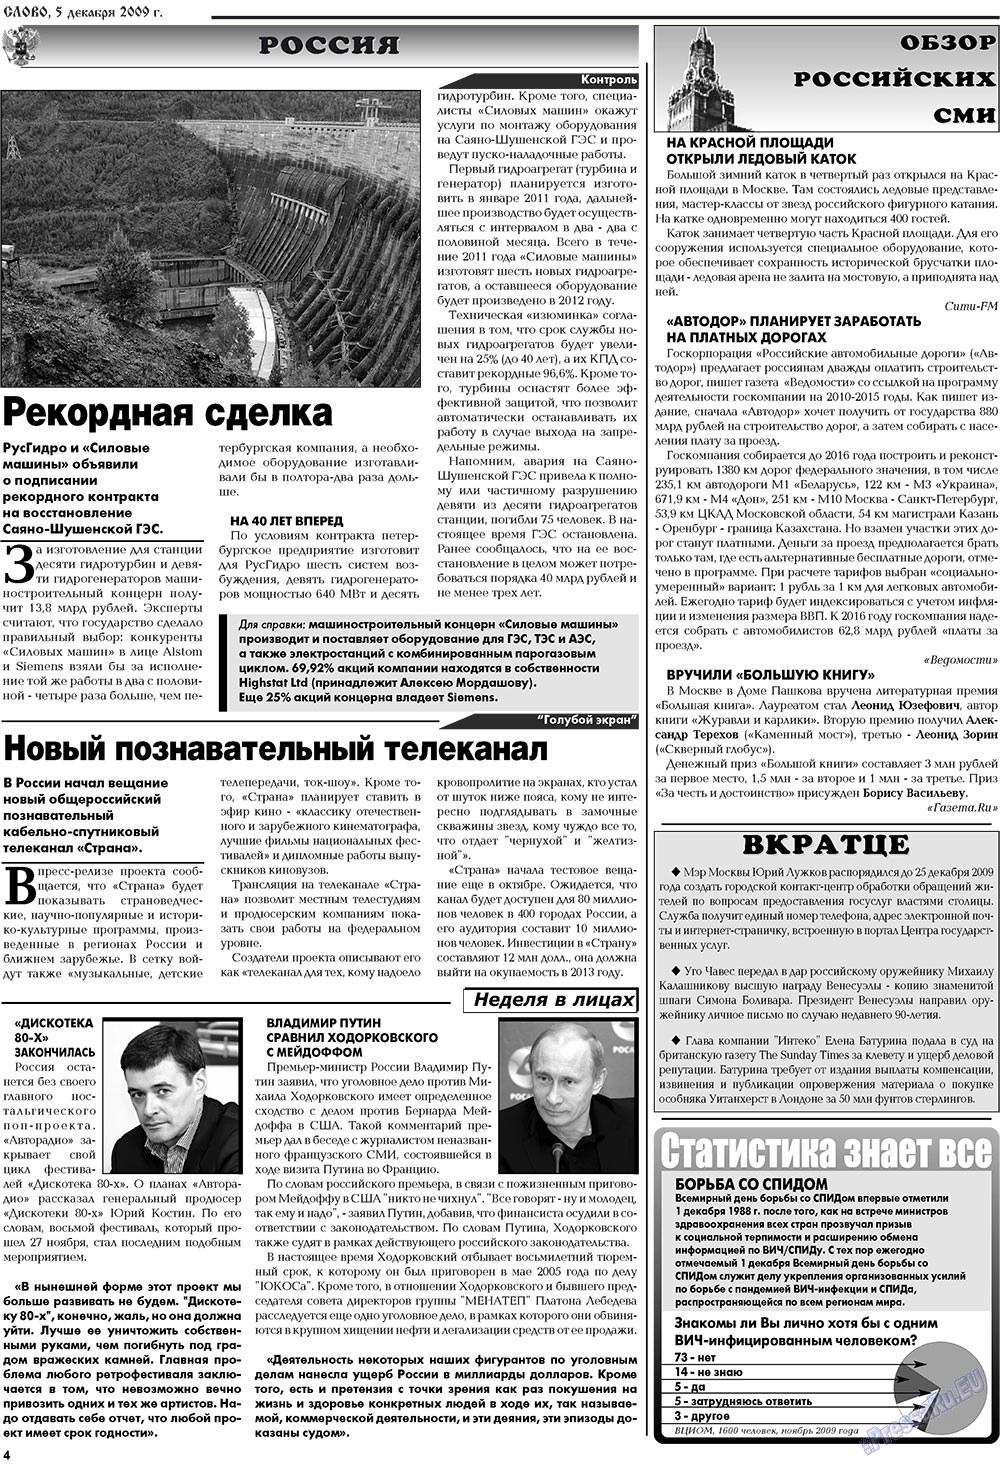 Слово (газета). 2009 год, номер 49, стр. 4